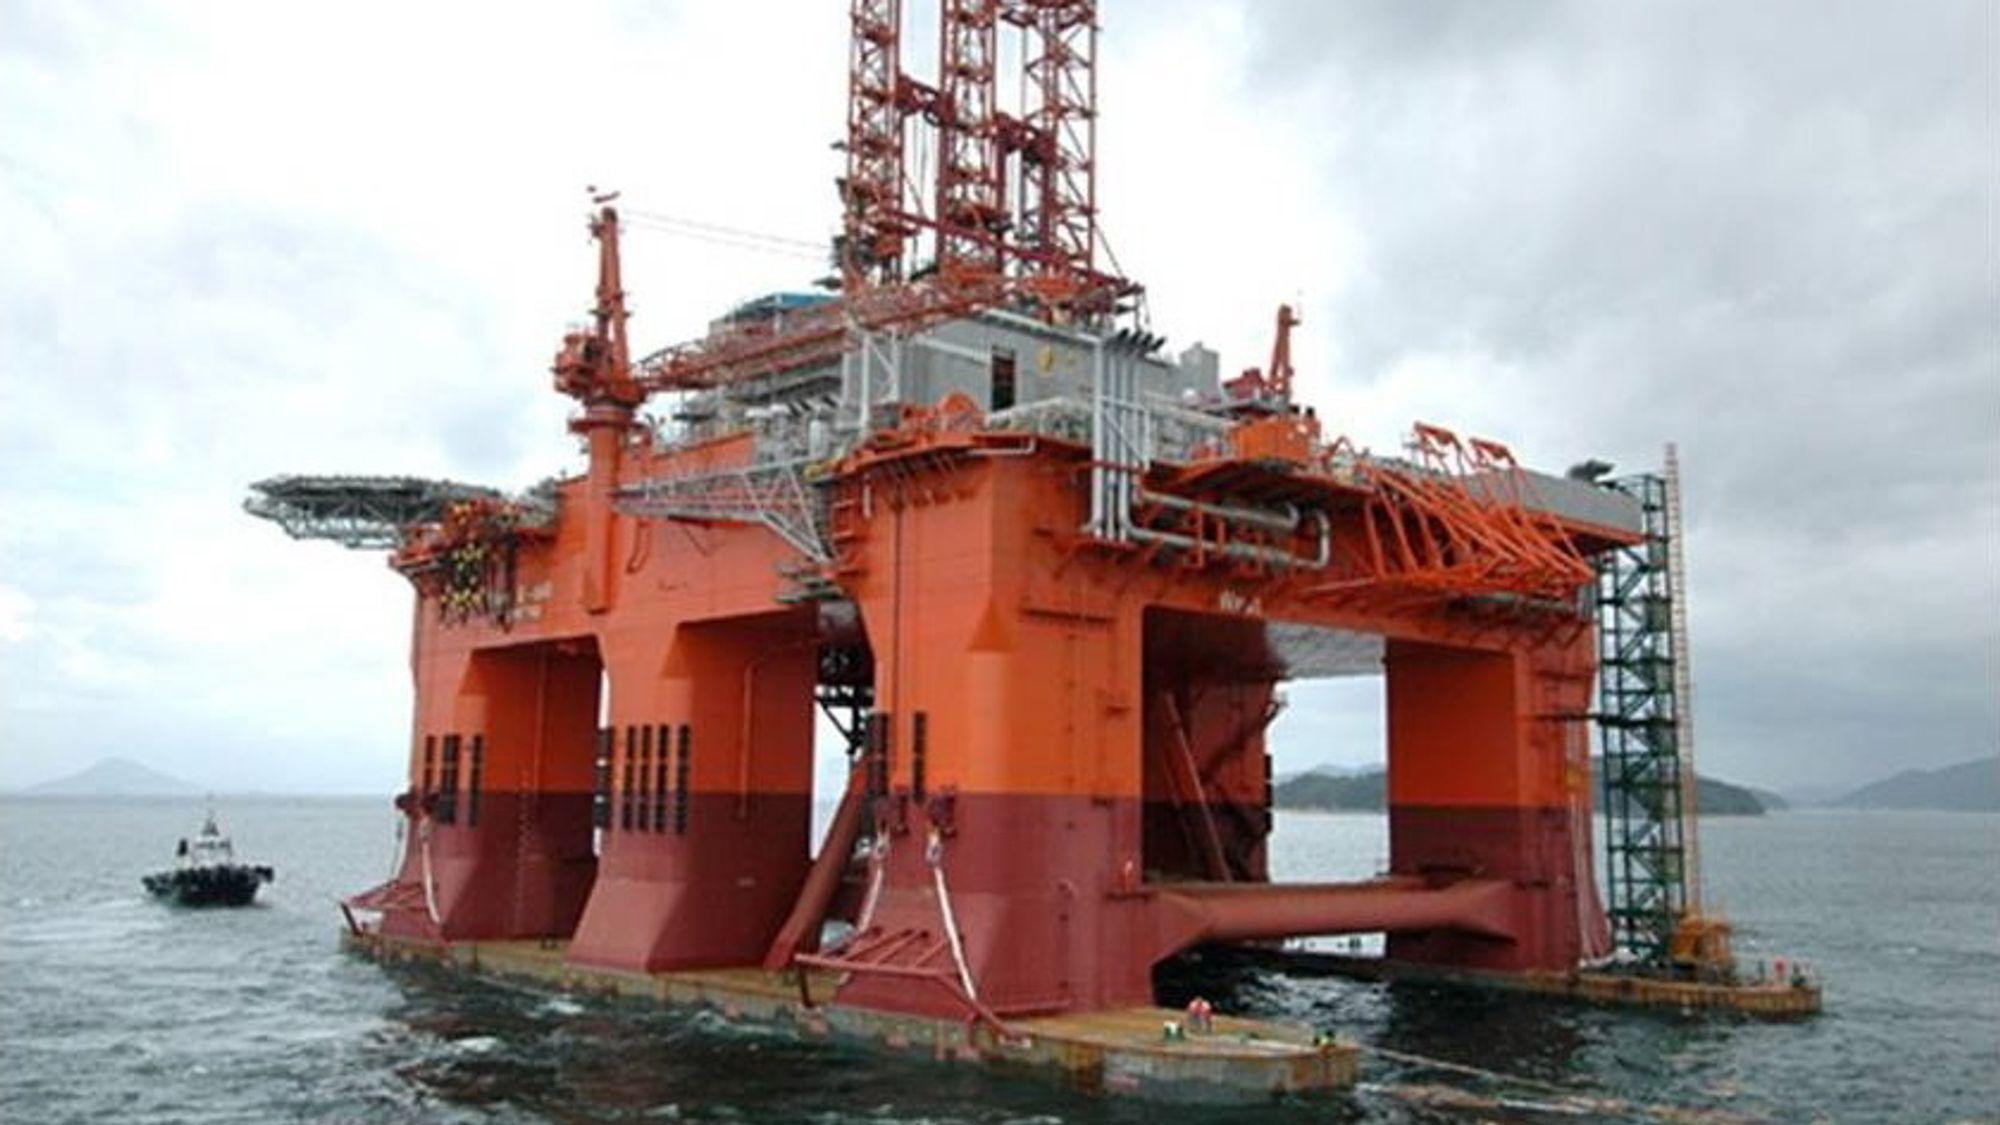 Det var riggen West Poenix som boret brønnen i Norskehavet, hvor det er meldt om et gassfunn.